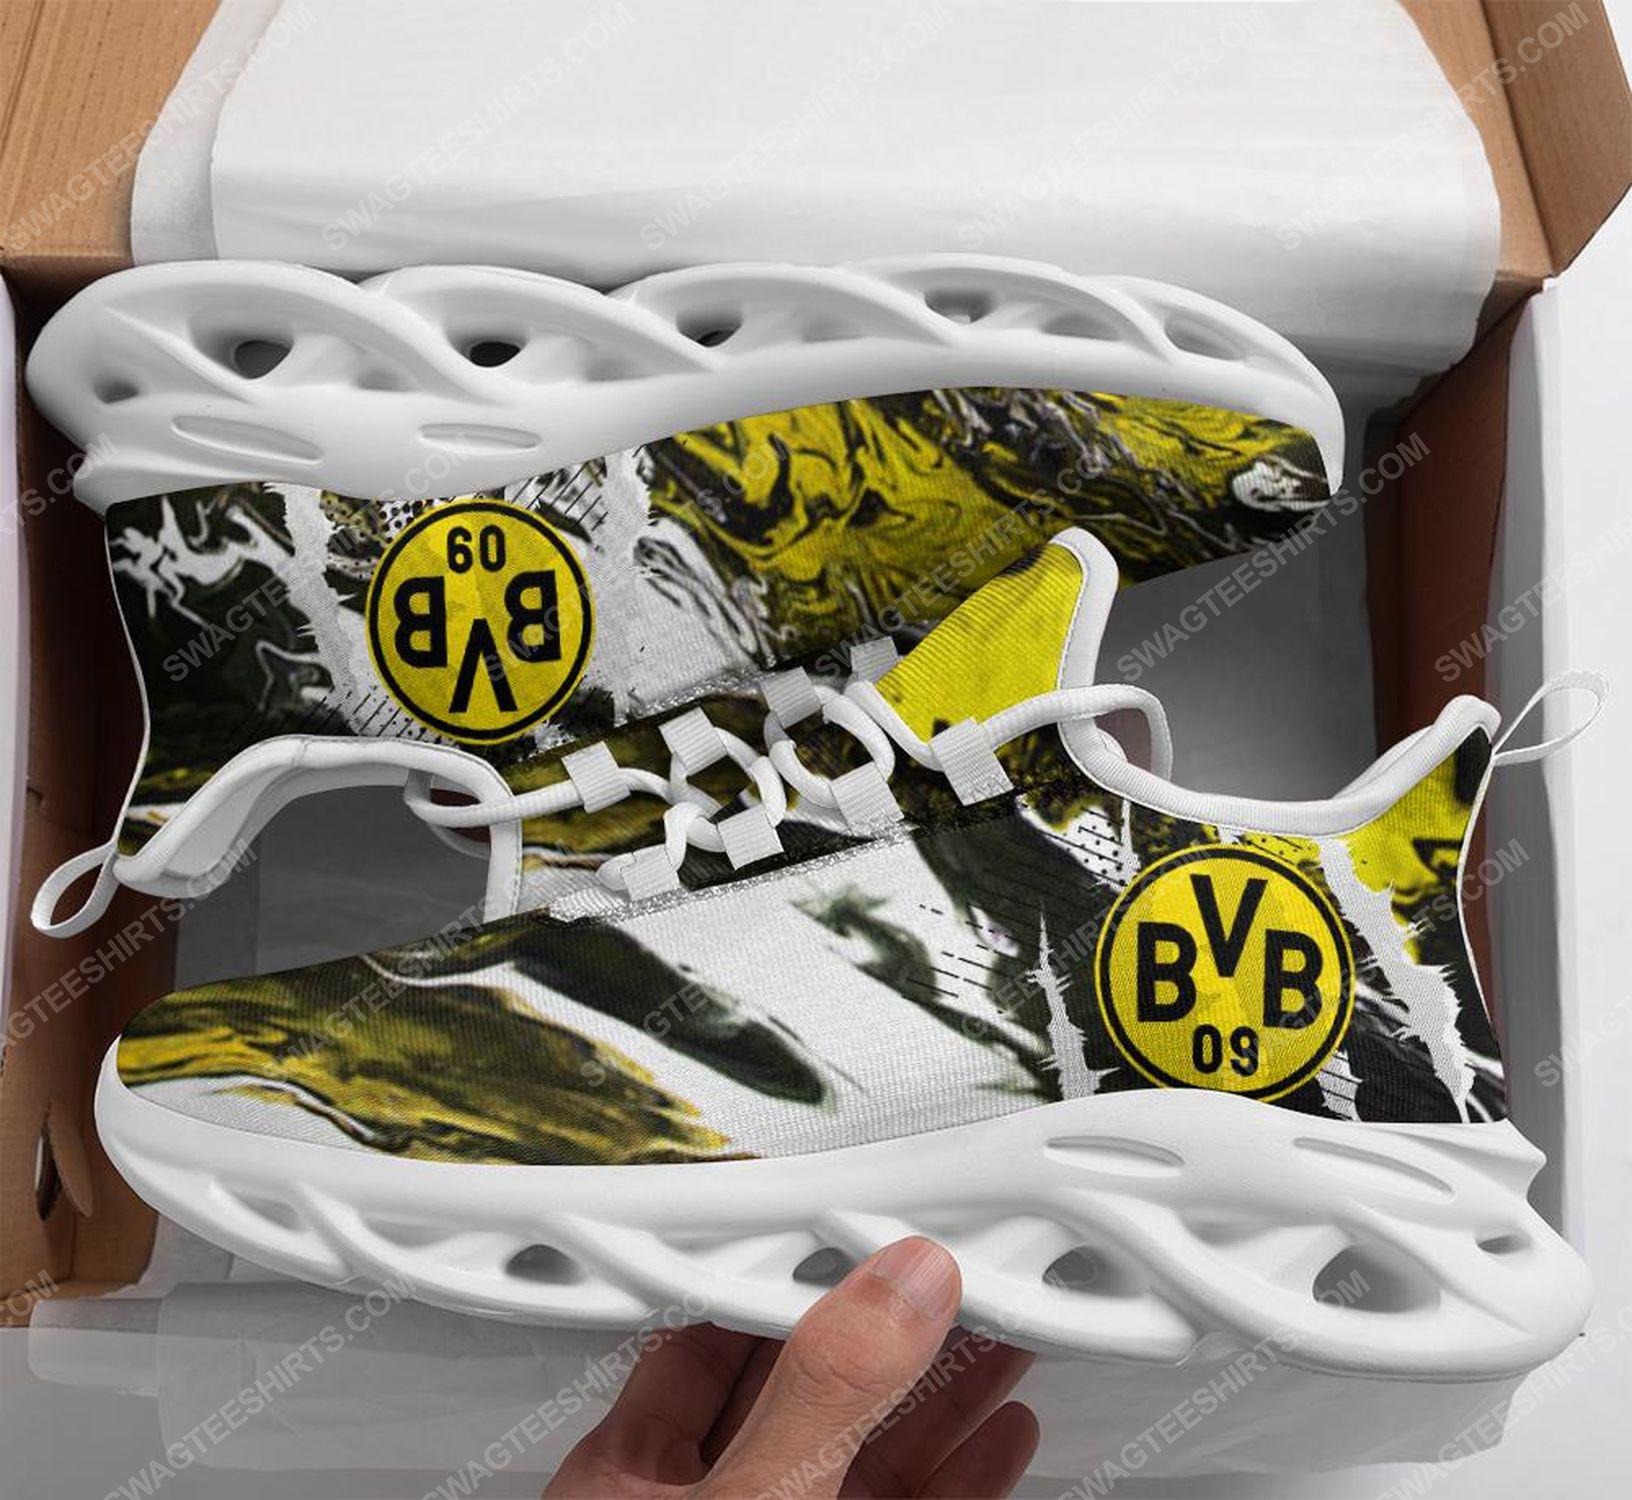 BV borussia dortmund football club max soul shoes 1 - Copy (2)